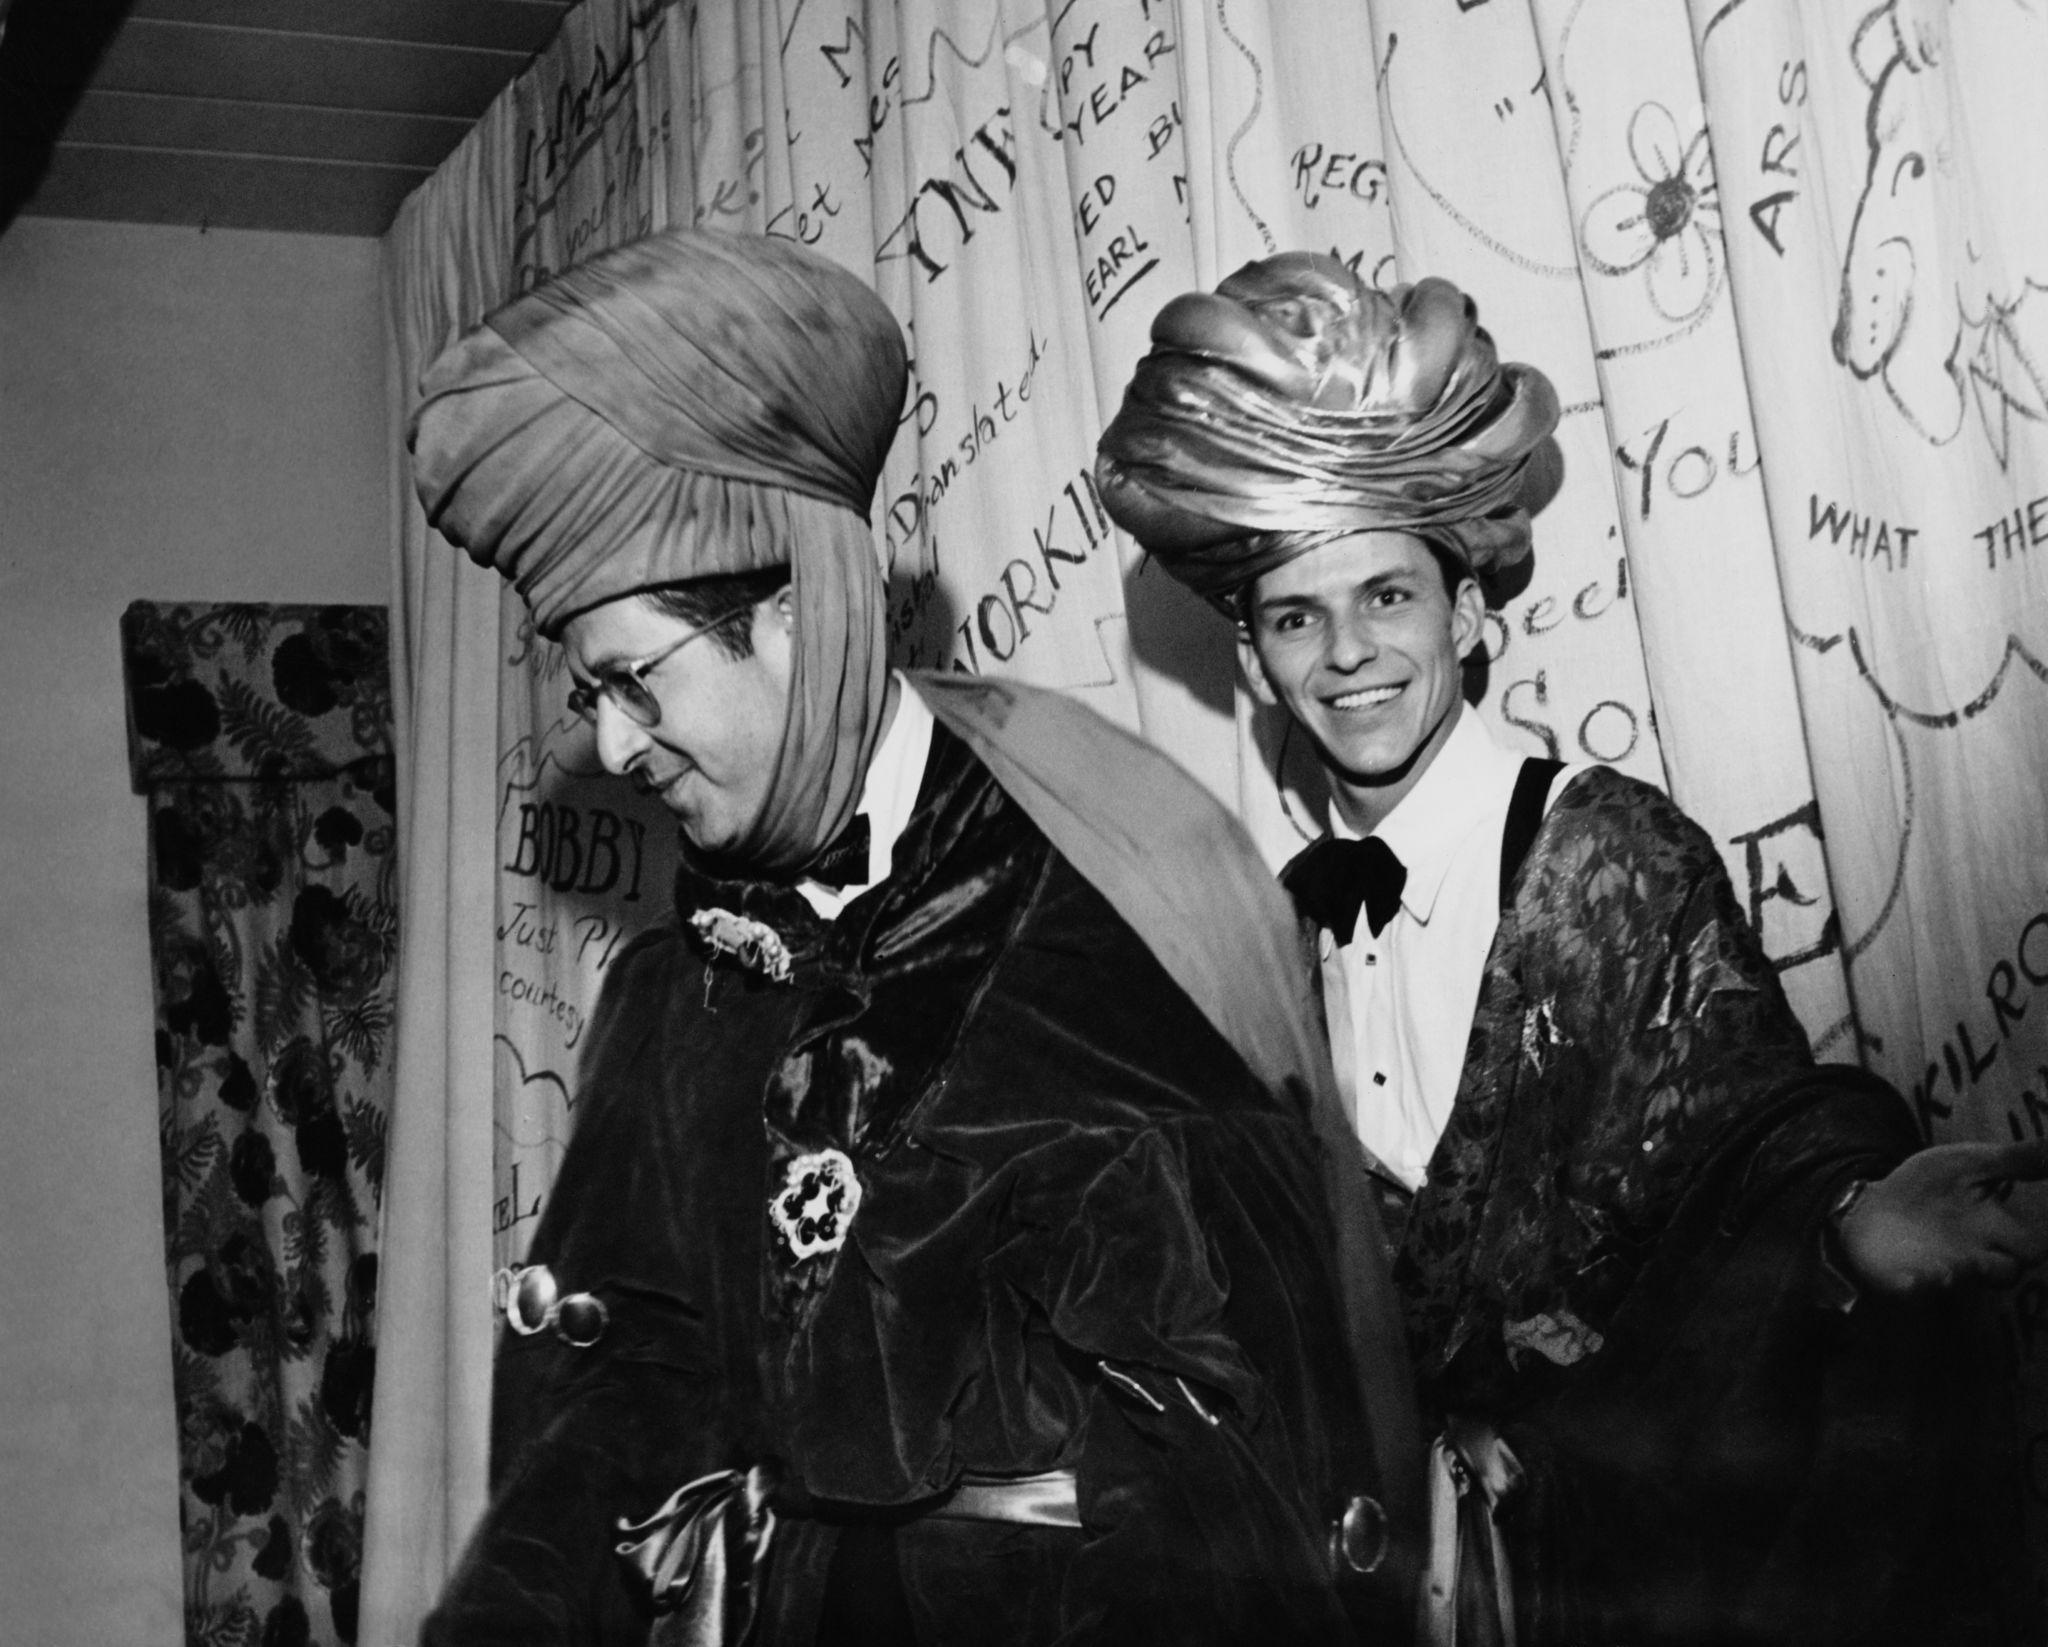 1947. Американский комик Фил Силверс и певцец Фрэнкм Синатра в костюмах для новогодней вечеринки, 31 декабря.jpg